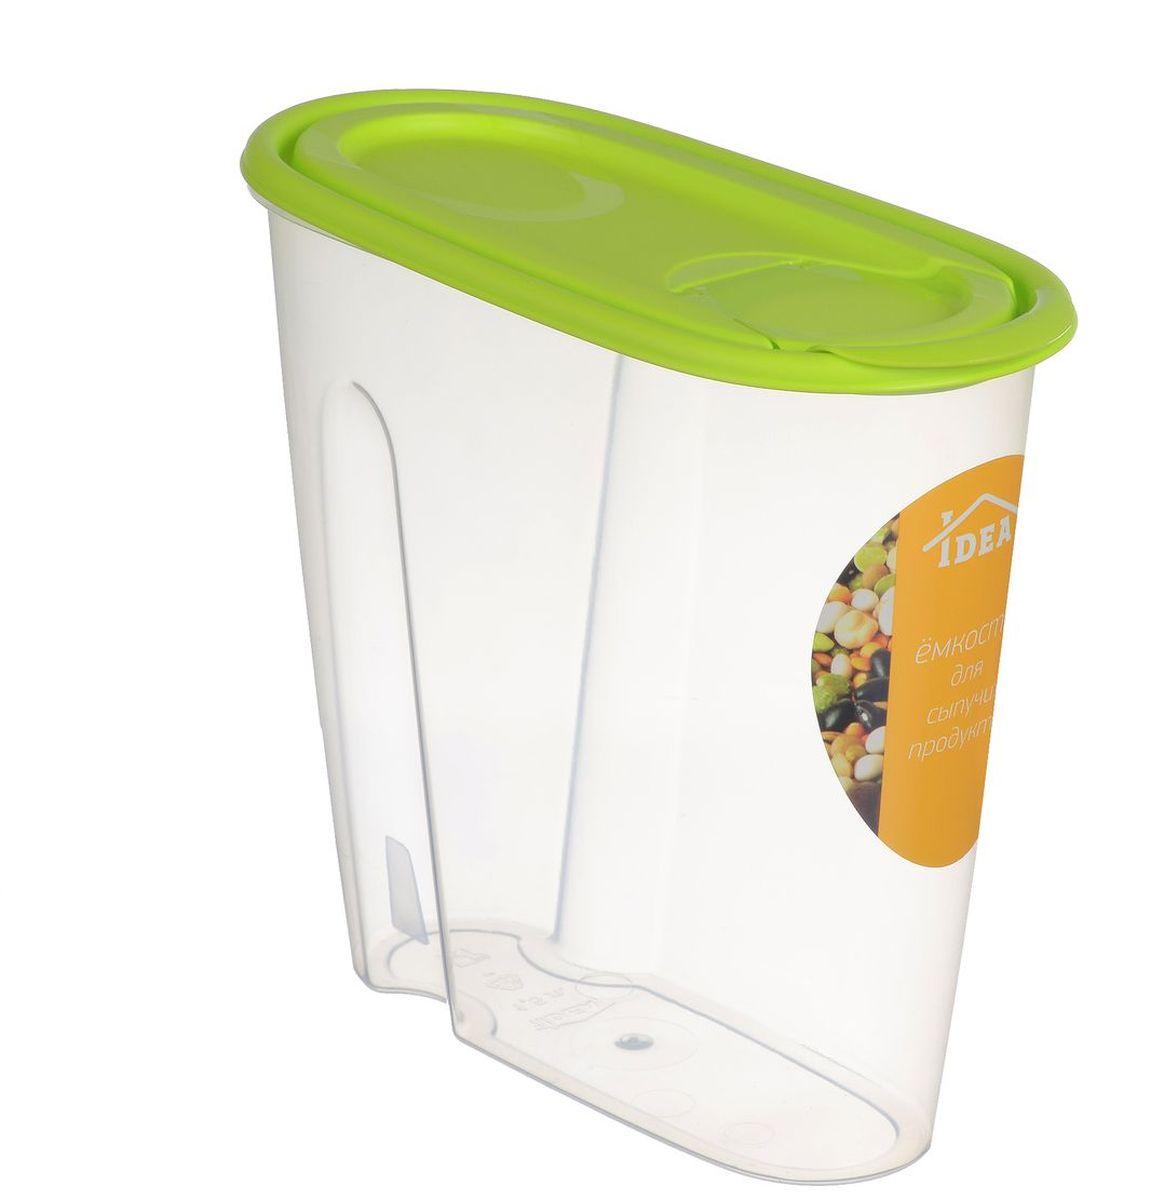 Емкость для сыпучих продуктов Idea, цвет: салатовый, 1,5 лIM99-5207Емкость для продуктов Idea изготовлена из сертифицированных материалов. Крышка надежно защищает продукты отвысыхания и посторонних запахов. Емкость поможет организовать порядок на кухне. Рассортировать крупы, макароны, заморозить ягоды иовощи, хранить полуфабрикаты. Можно использовать в посудомоечной машине и микроволновой печи. Объем: 1,5 л.